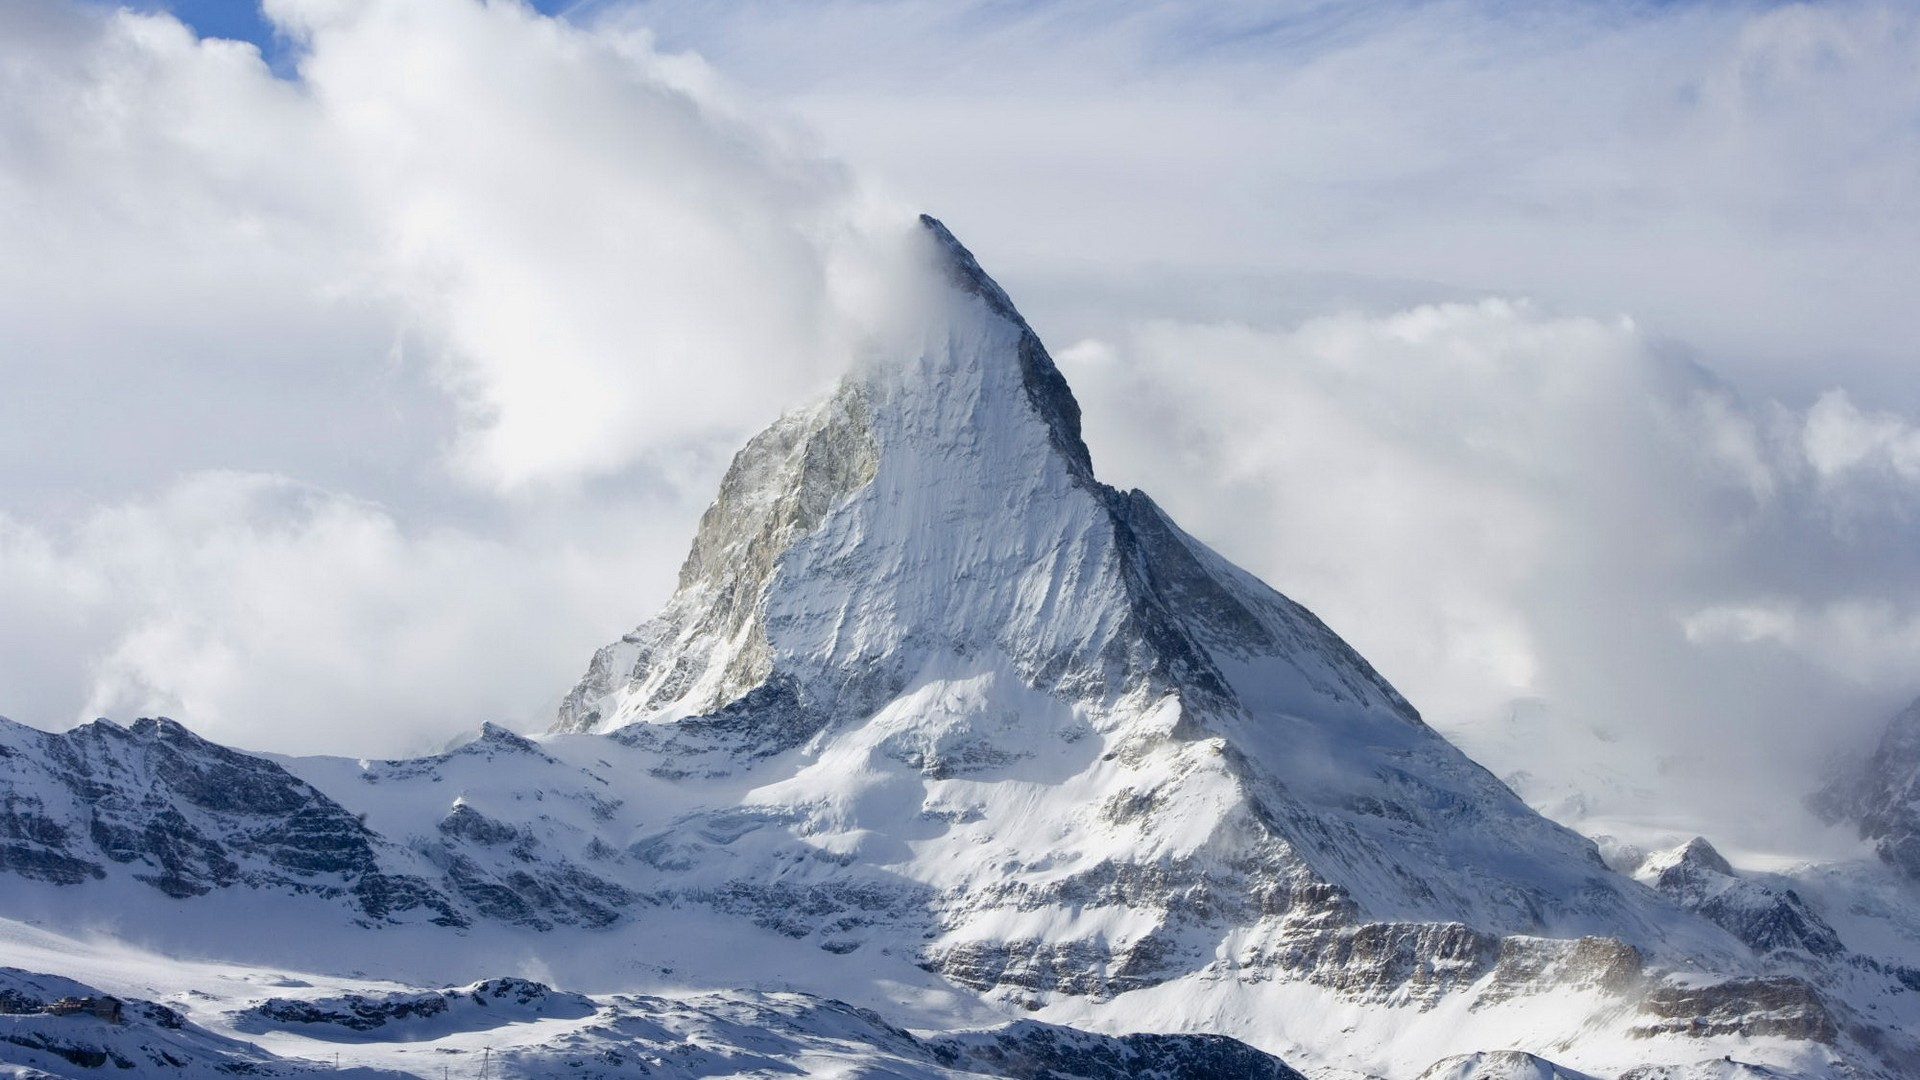 Mountains Landscapes Snow Matterhorn Wallpaper 1920x1080